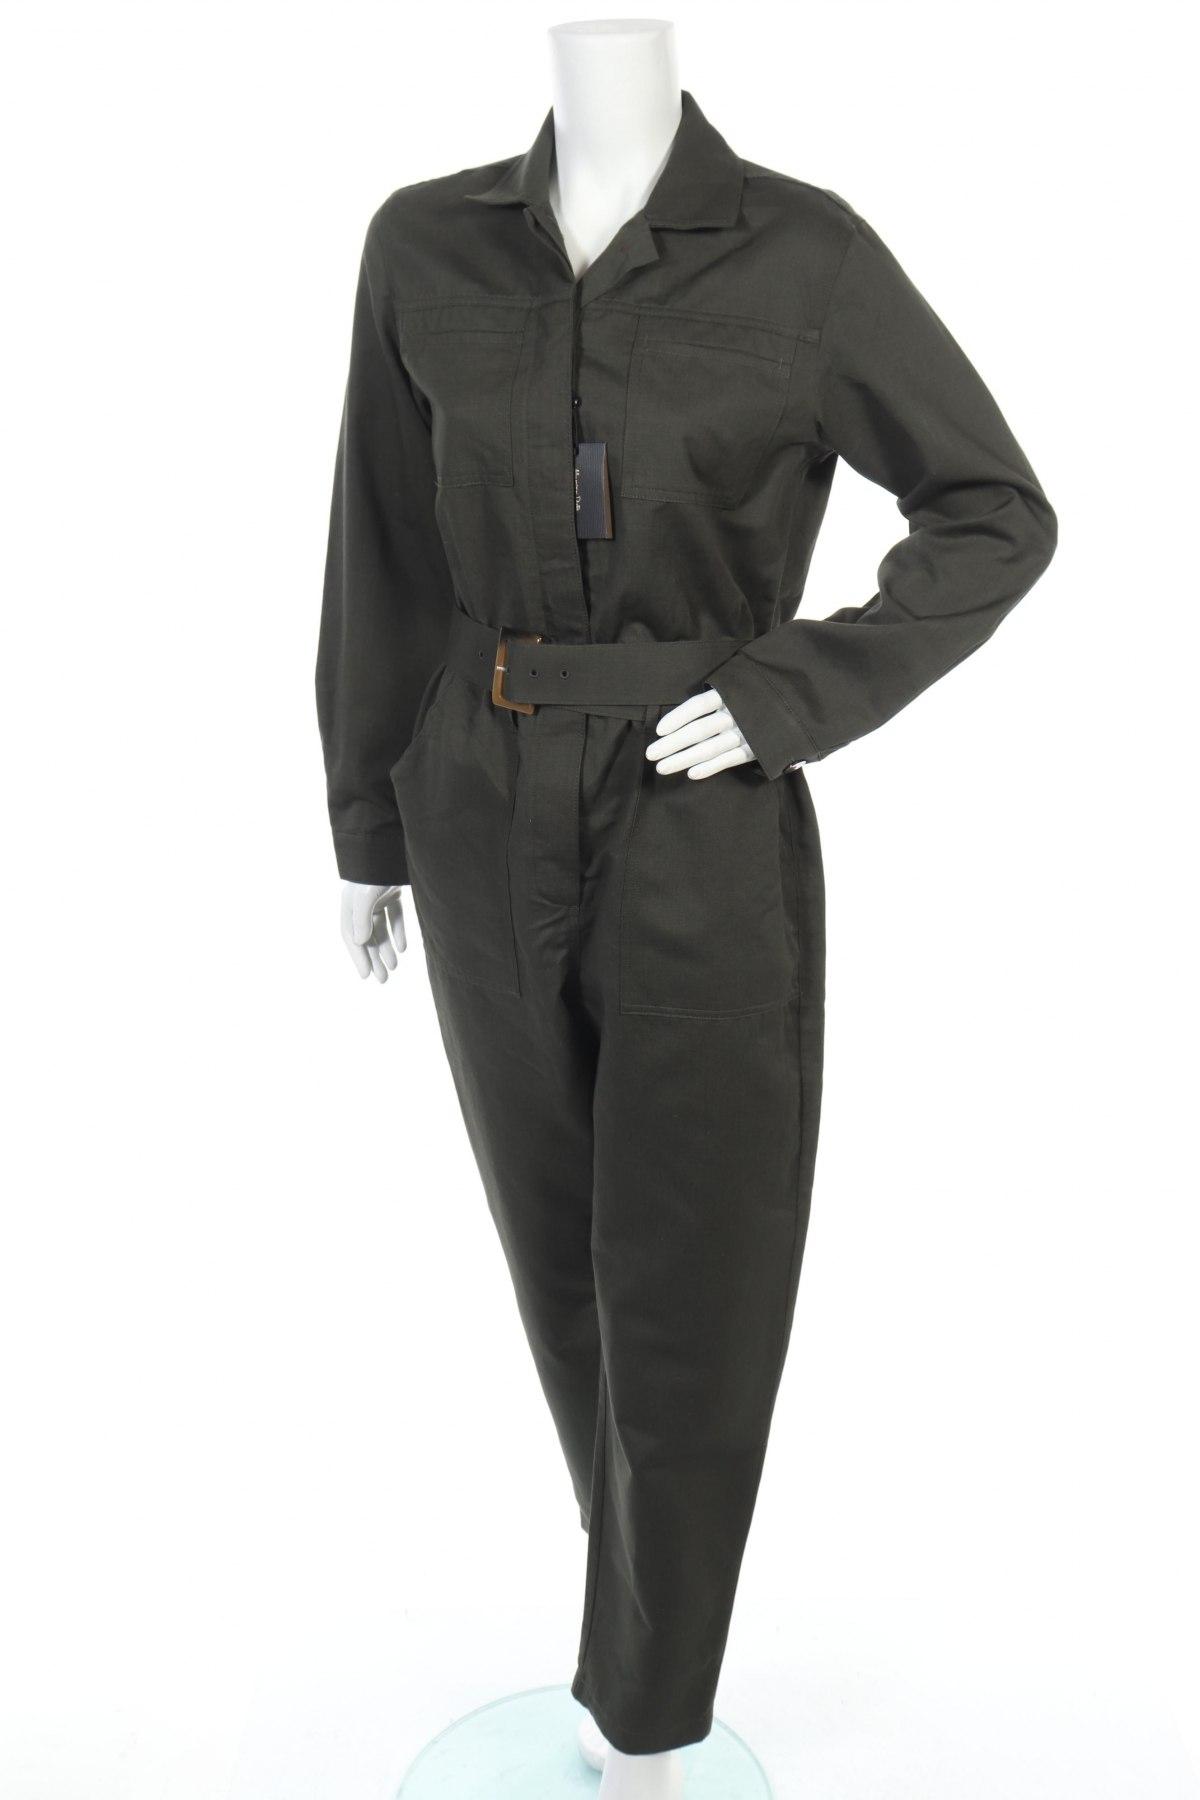 Γυναικεία σαλοπέτα Massimo Dutti, Μέγεθος L, Χρώμα Πράσινο, 74% βαμβάκι, 26% λινό, Τιμή 44,54€